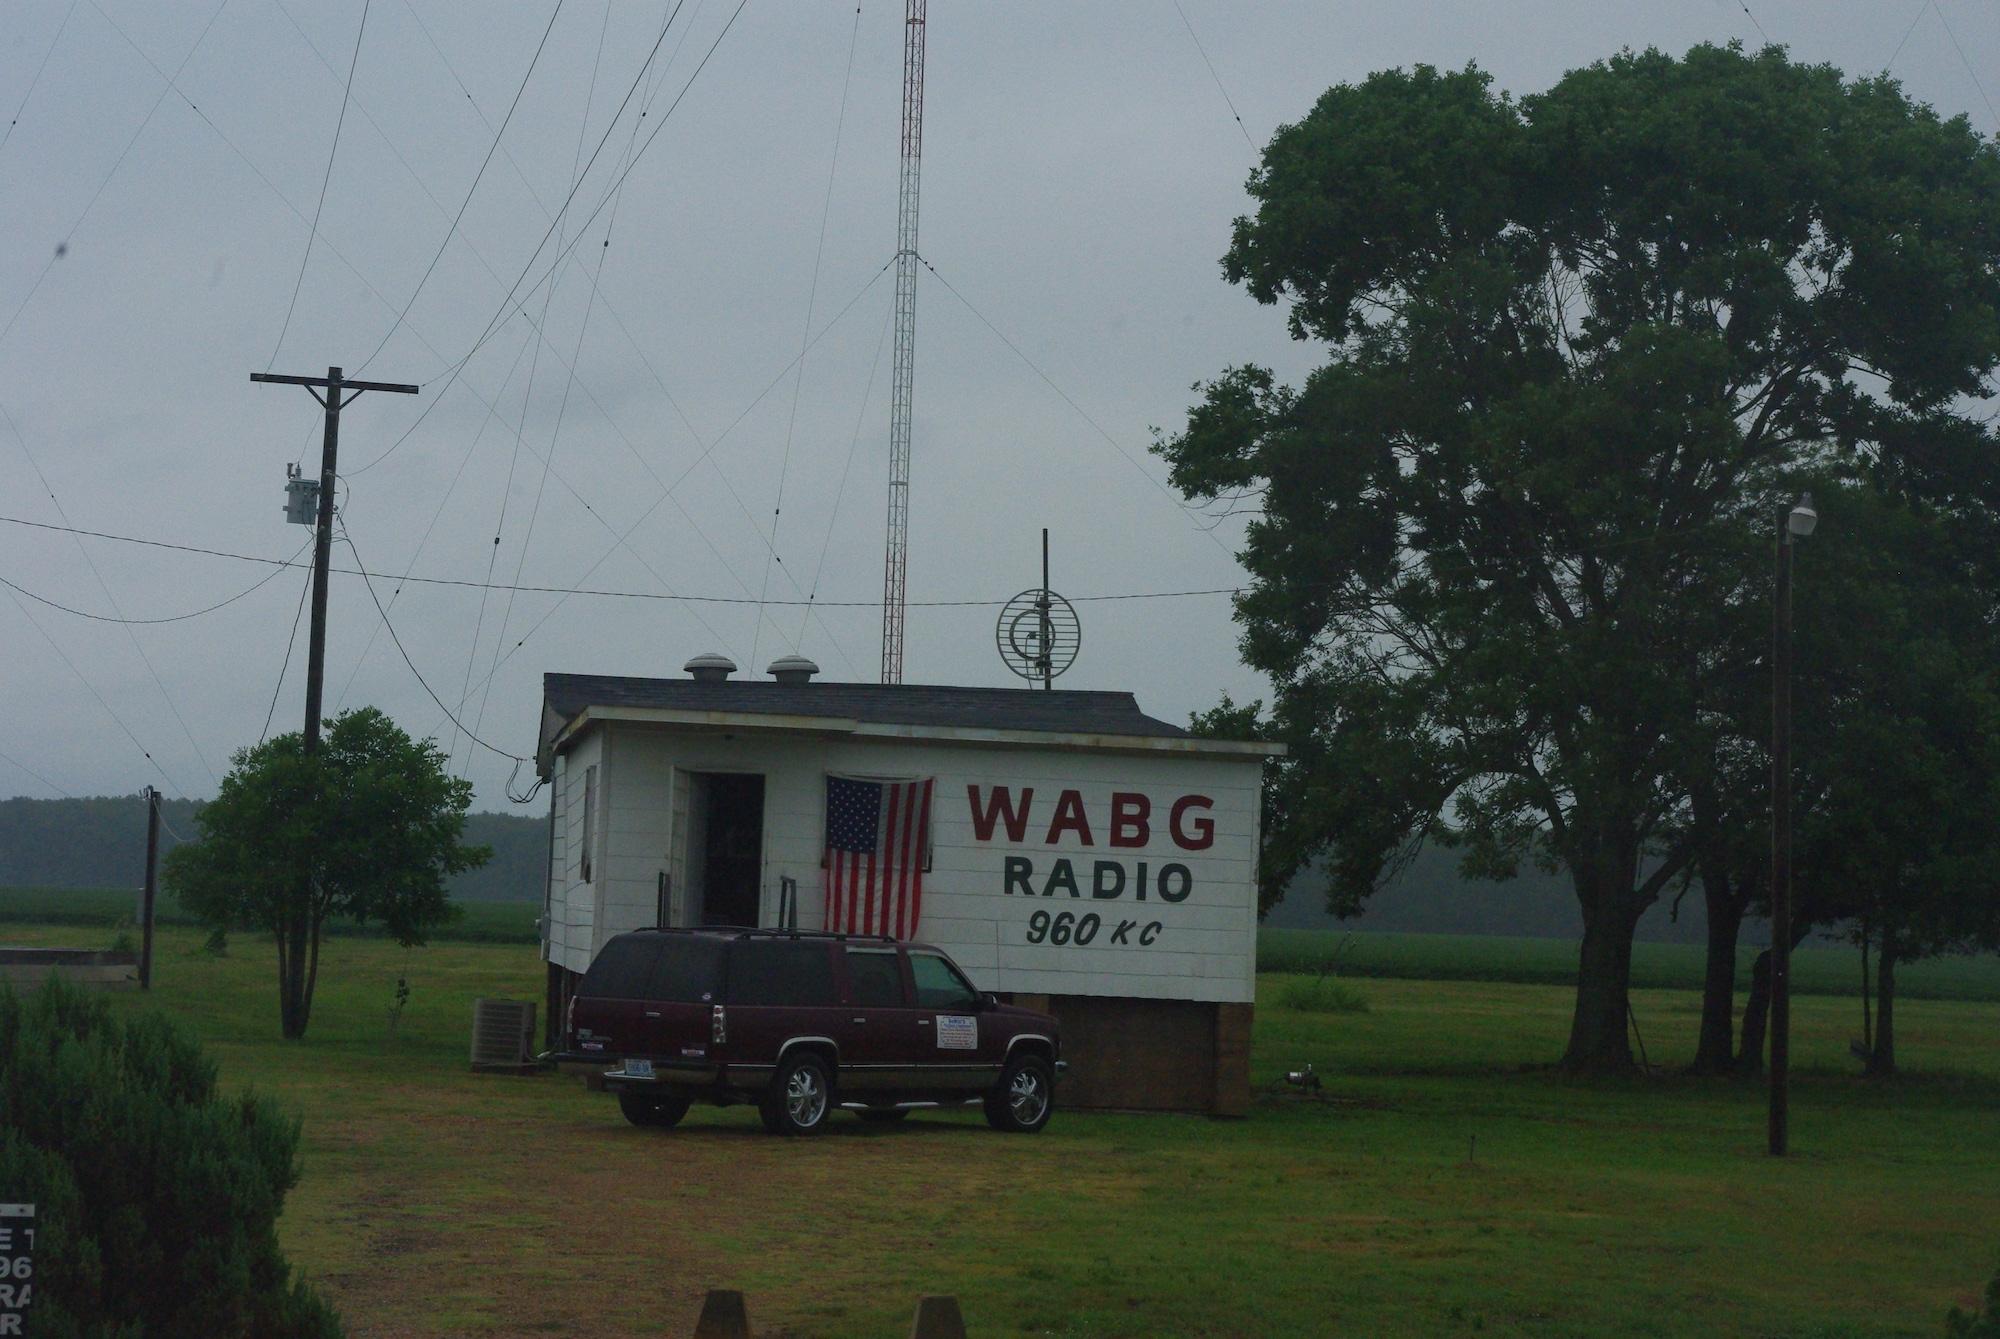 Sur la route, une (toute) petite station de radio amateur